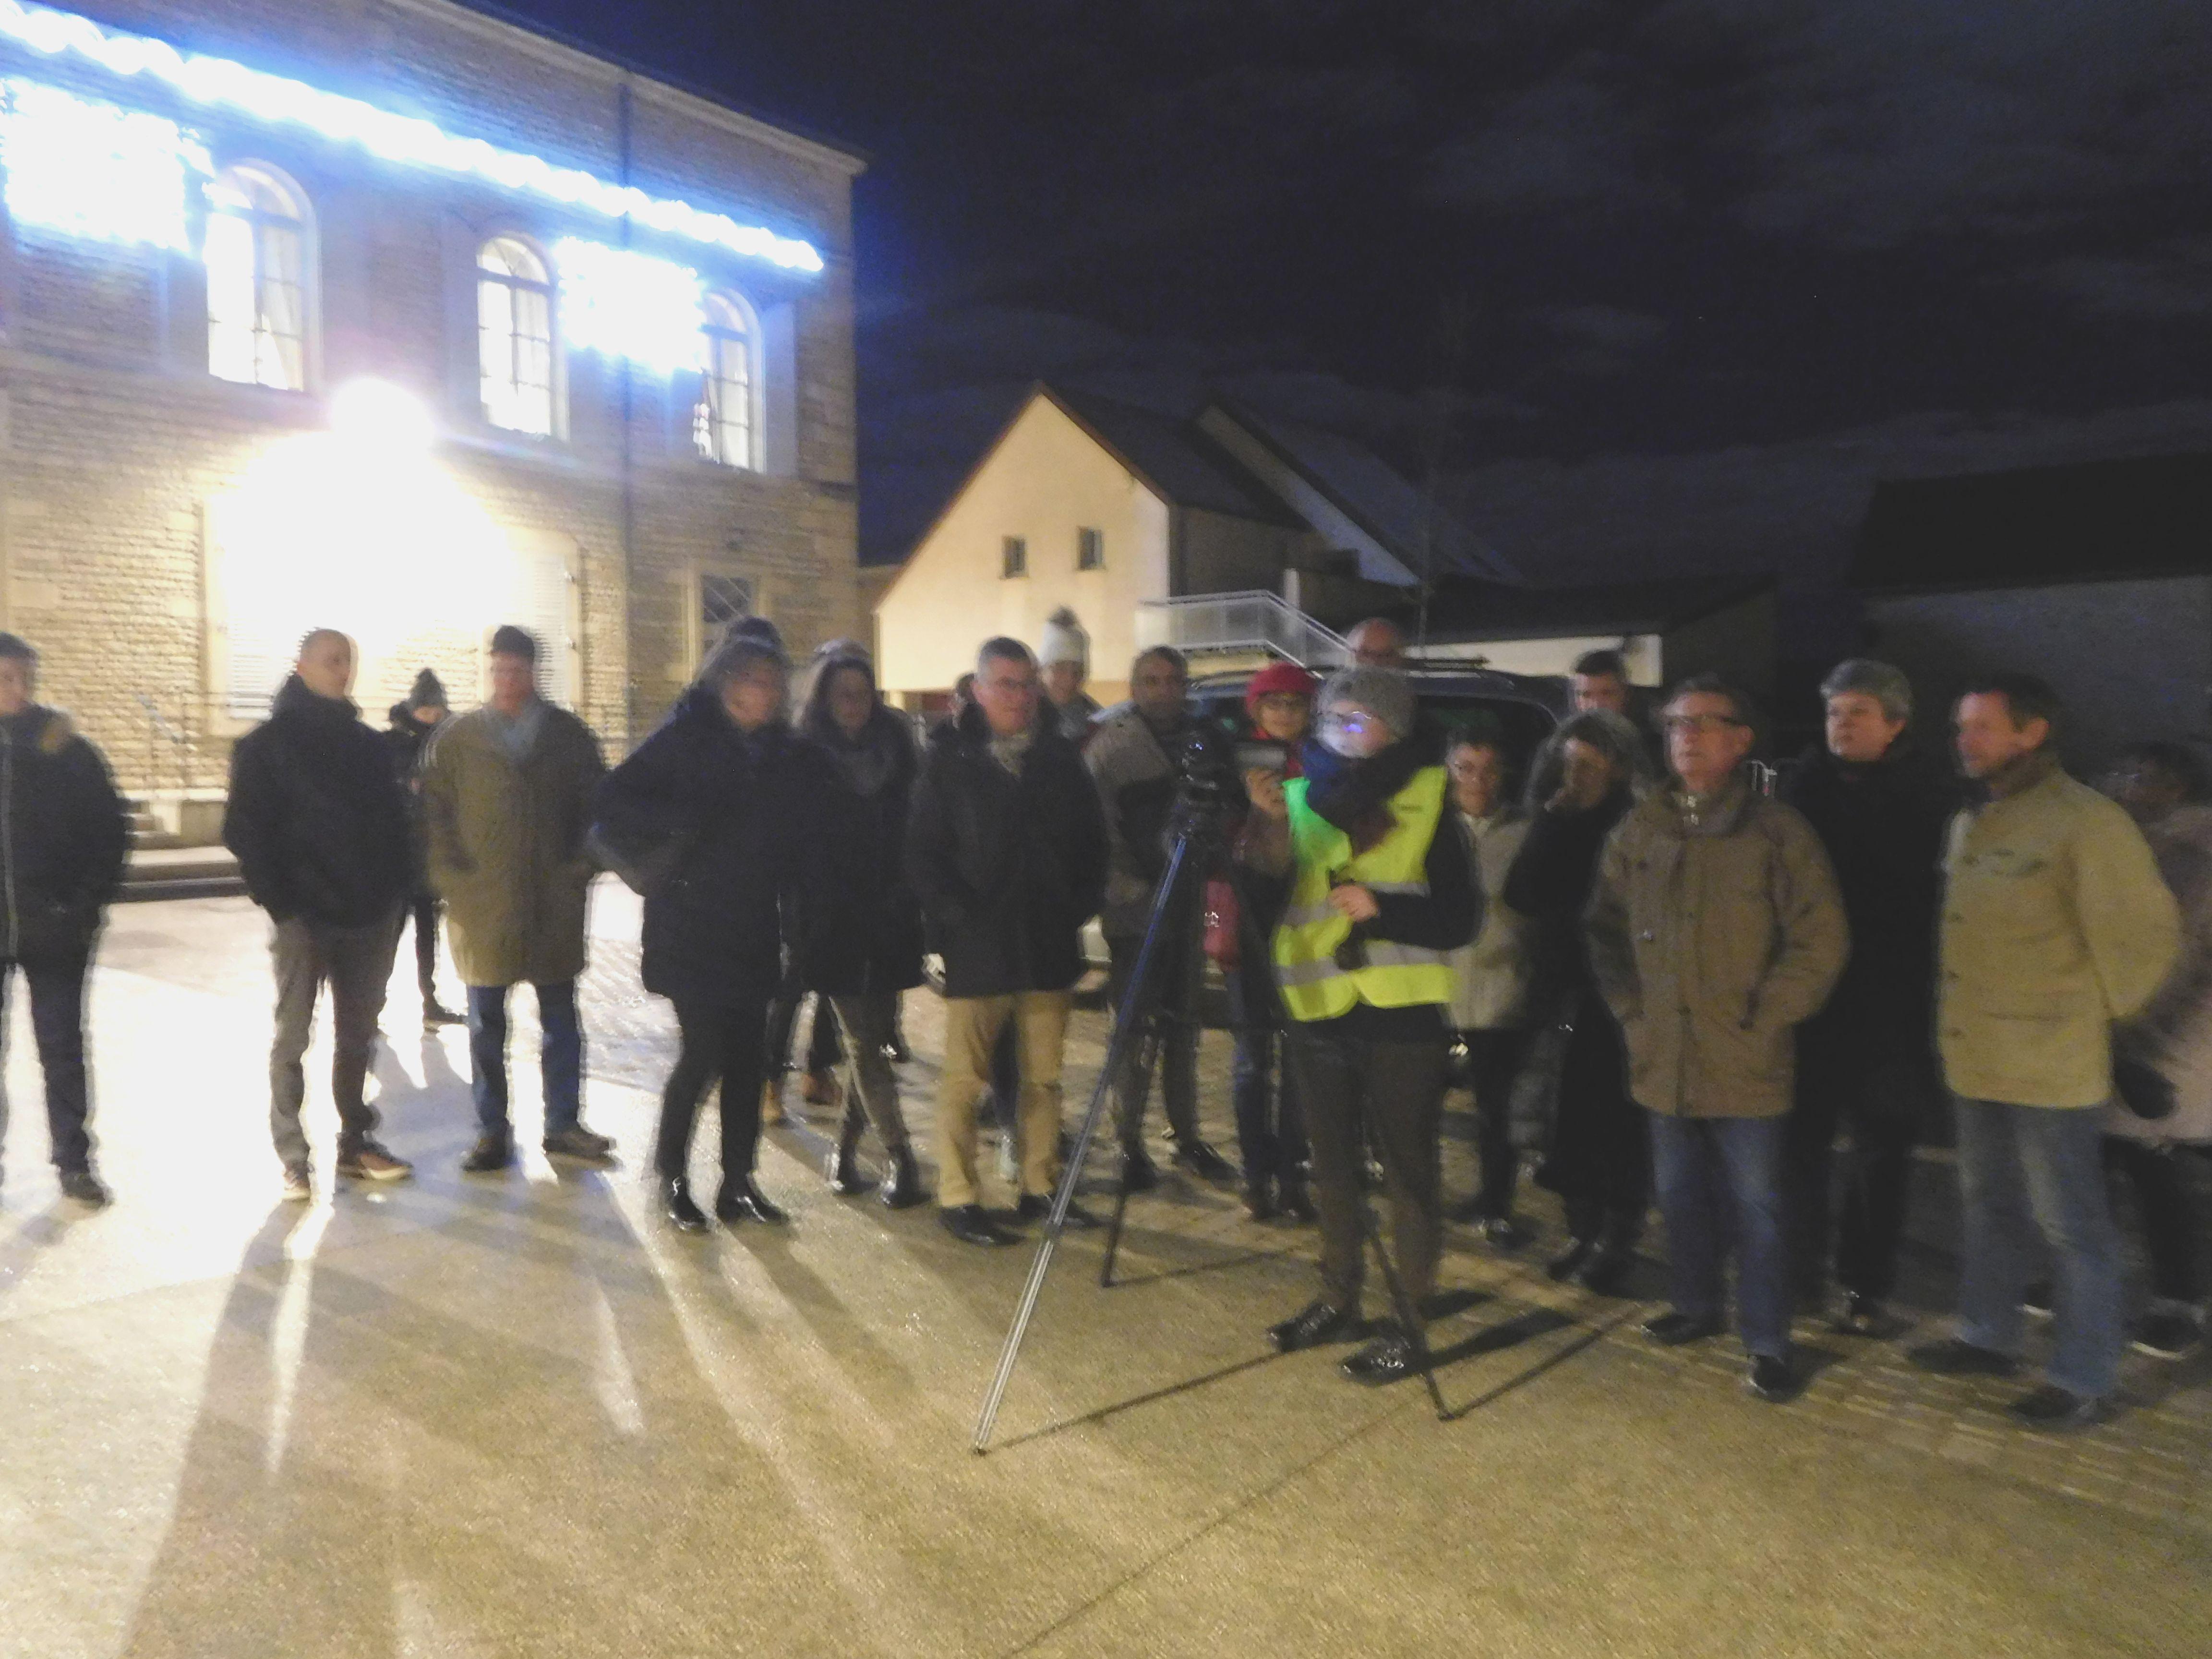 2018-12-20 Balade thermique Ladoix - 2018-10-18 photos travaux - DSCN5195